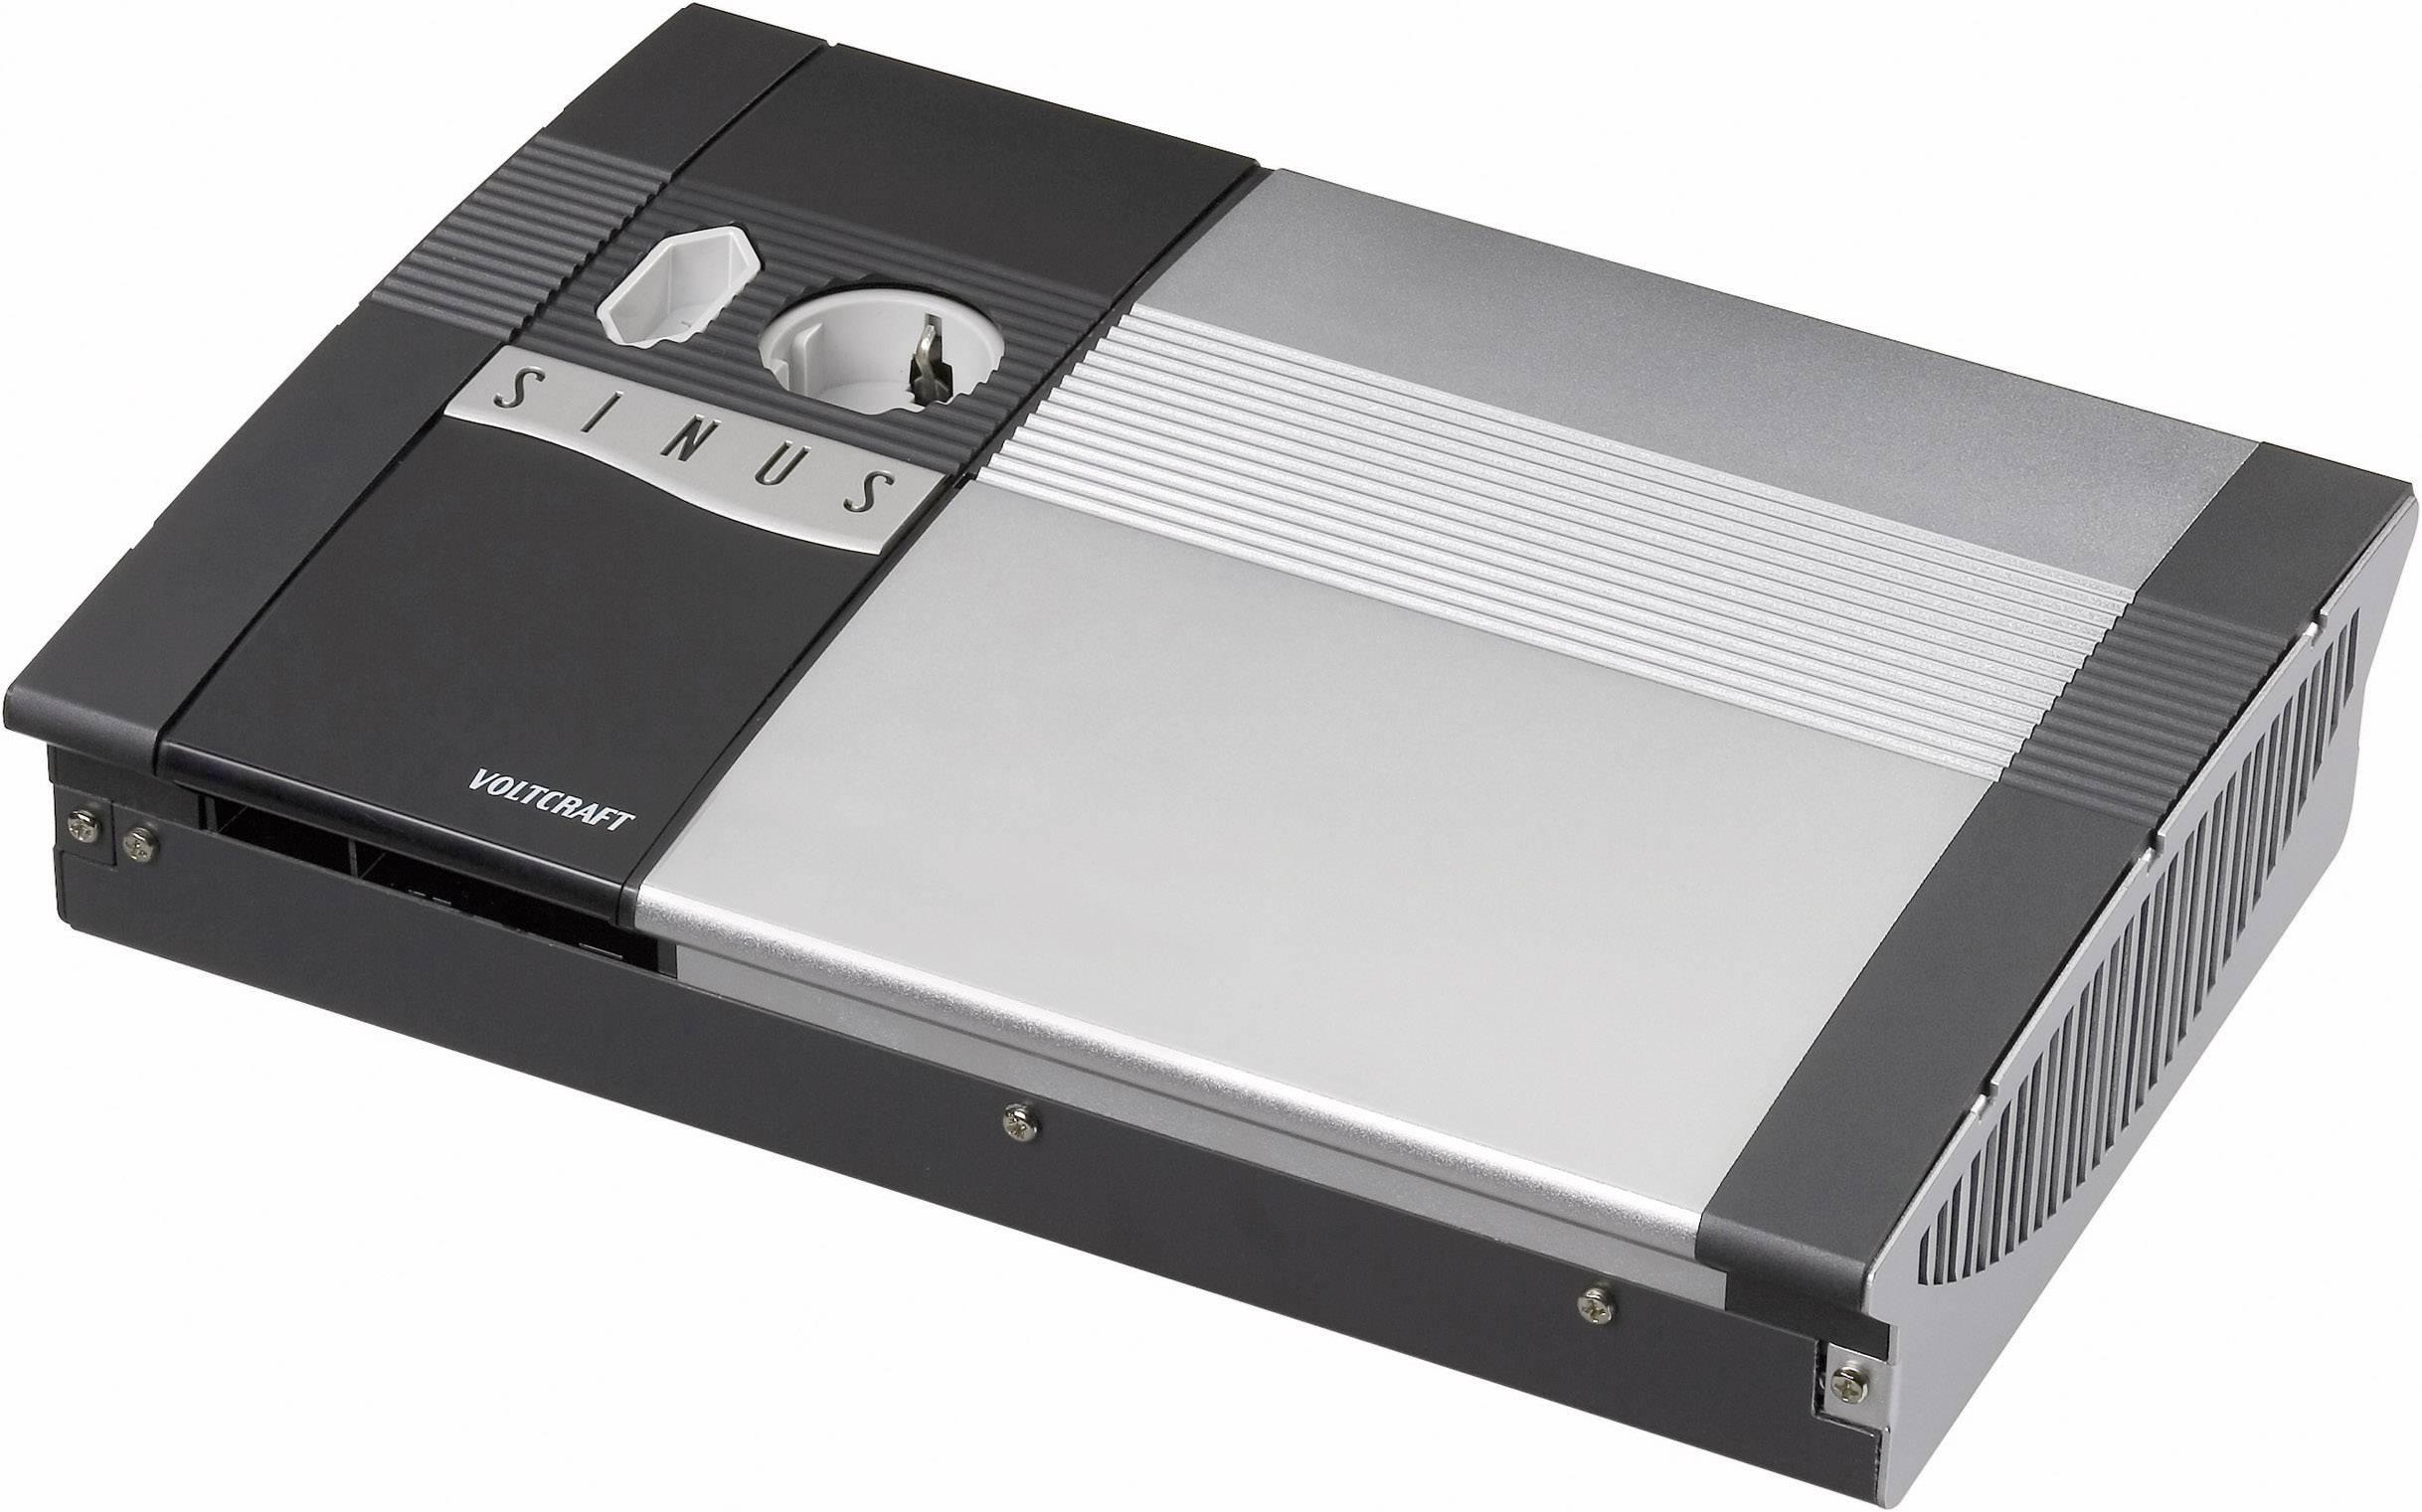 Menič napätia DC / AC VOLTCRAFT SW-600 24V, 600 W, 24 V/DC/230 V/AC, 600 W diaľkovo zapínateľný